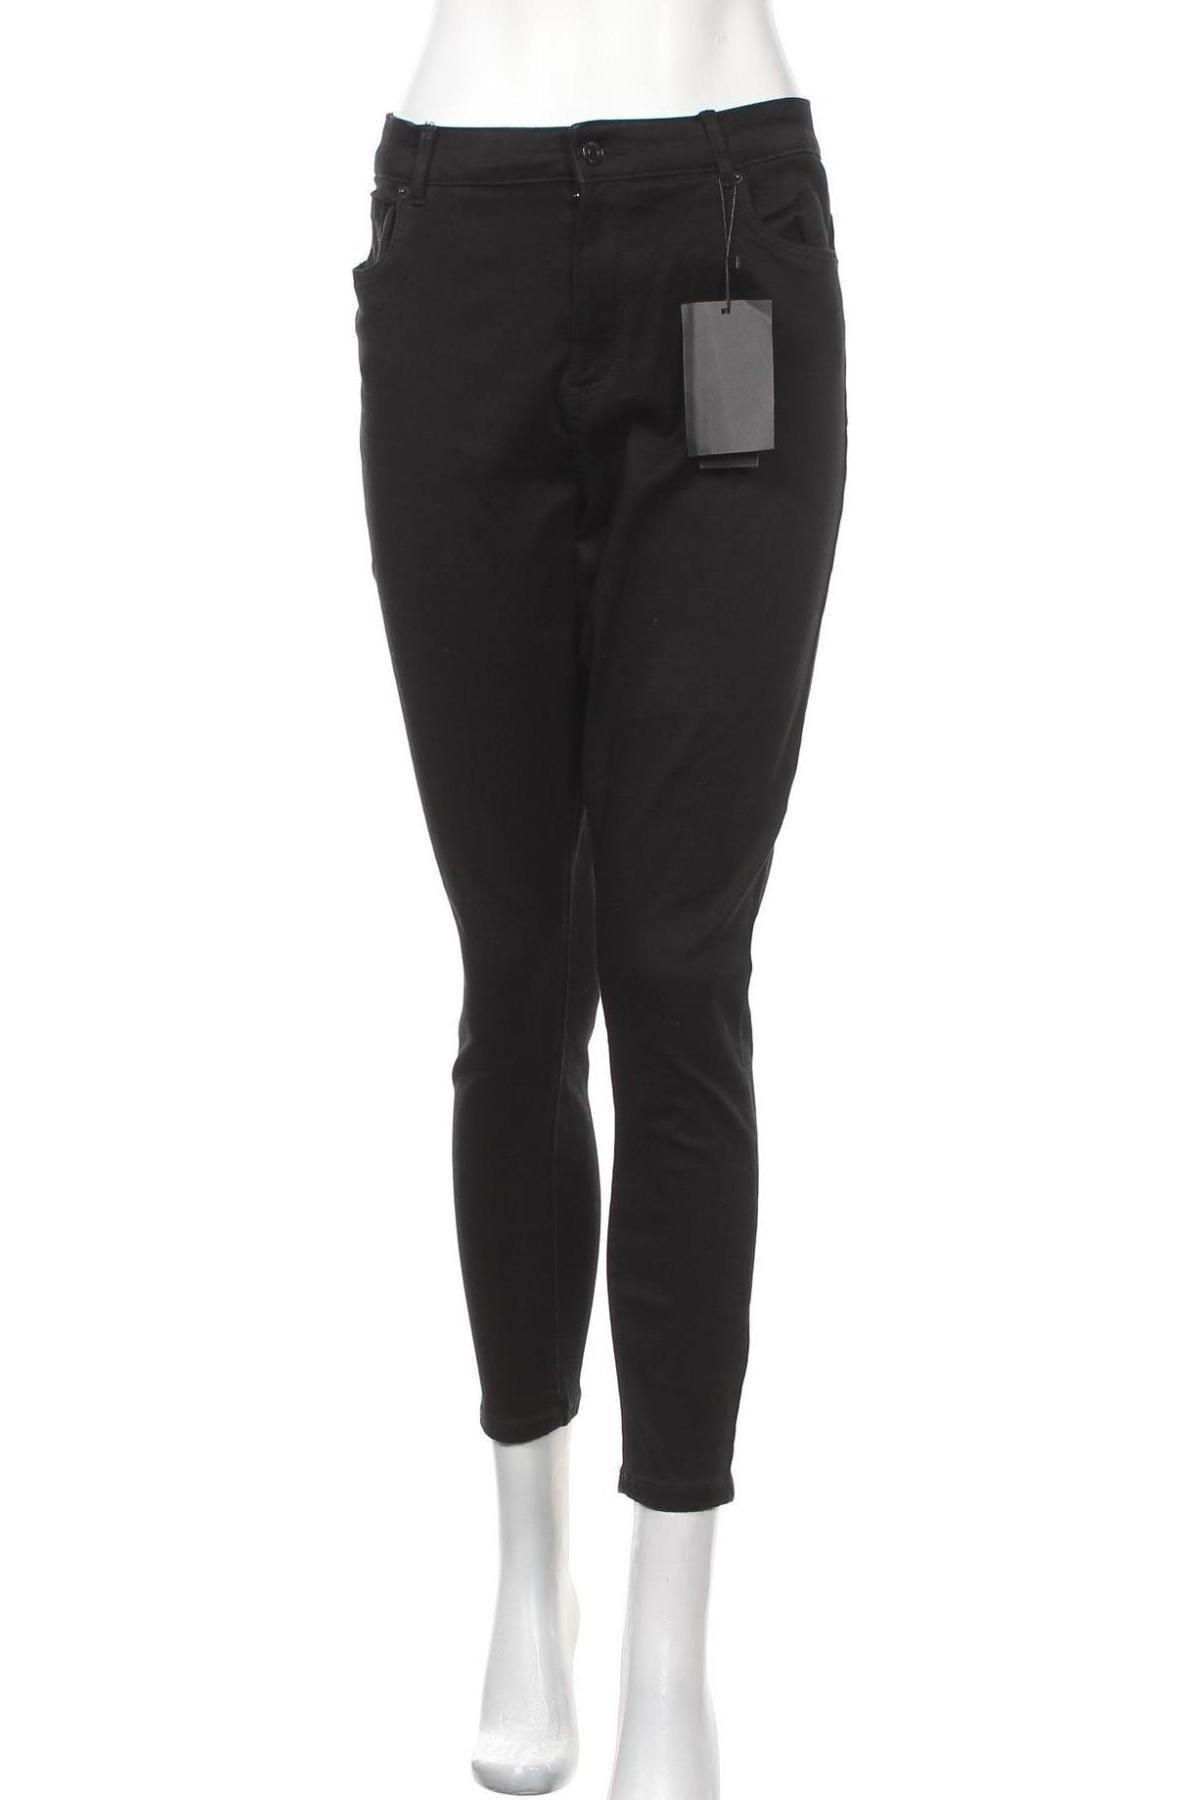 Γυναικείο Τζίν Vero Moda, Μέγεθος XL, Χρώμα Μαύρο, 67% βαμβάκι, 31% πολυεστέρας, 2% ελαστάνη, Τιμή 22,81€